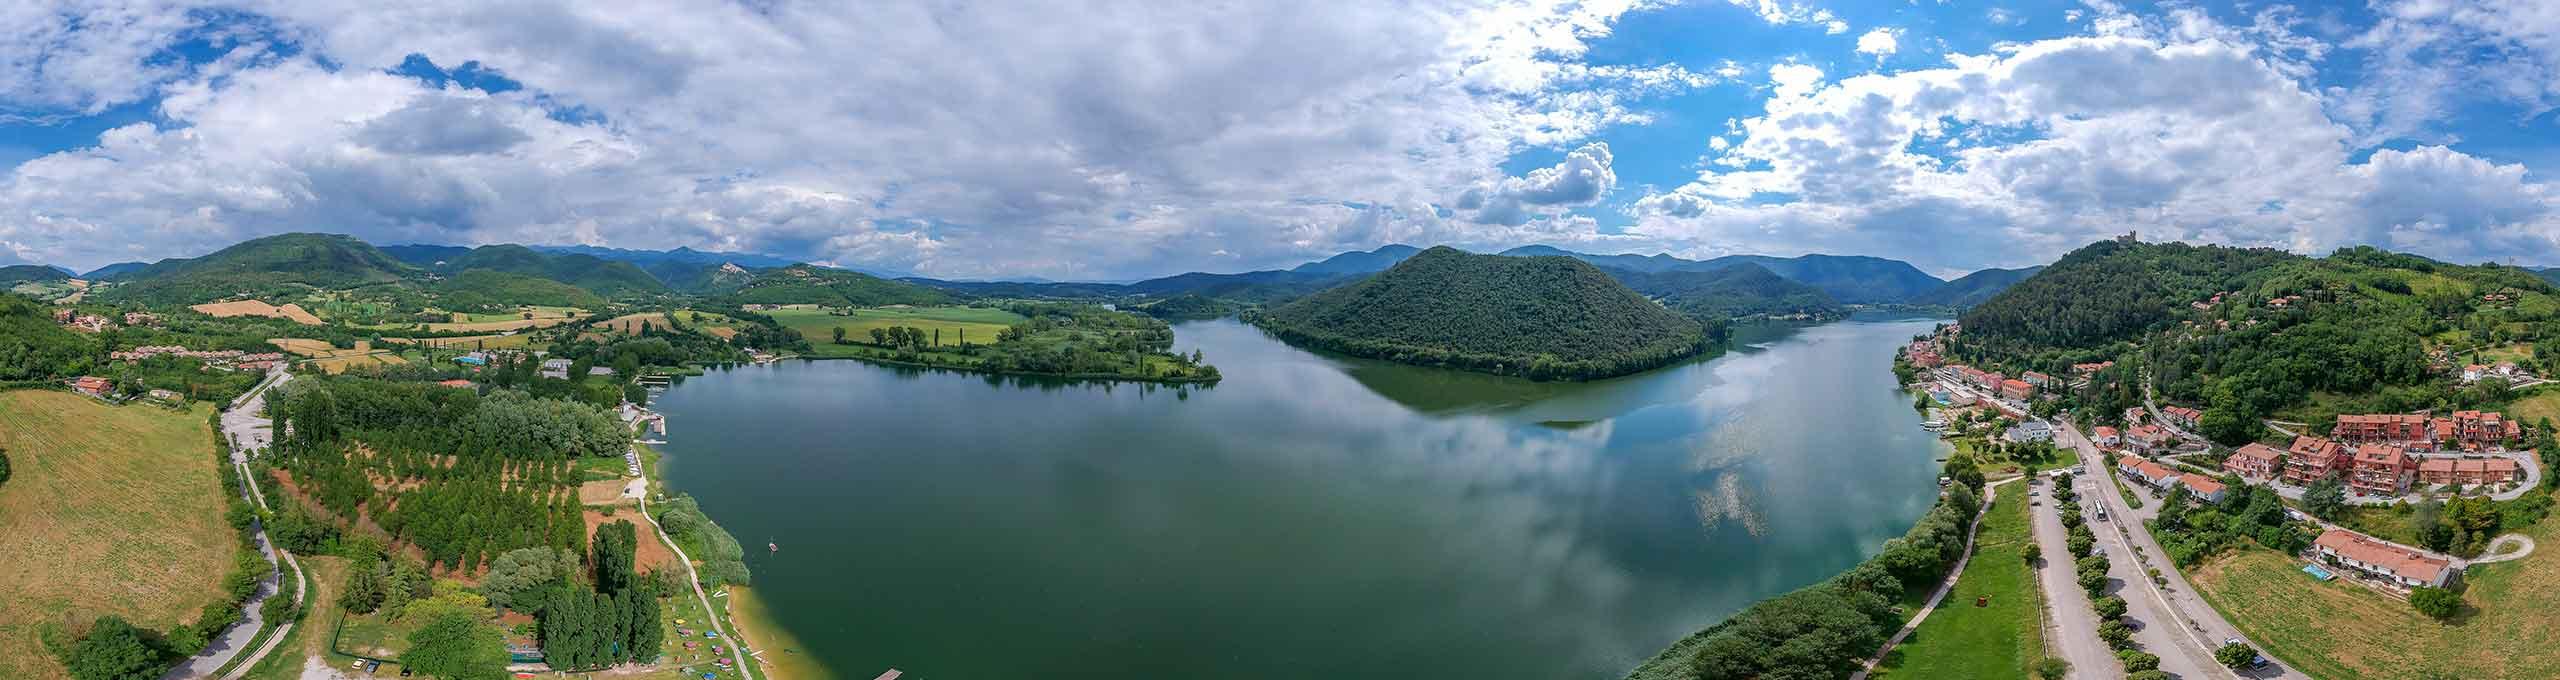 Piediluco, Umbria, Lago di Piediluco